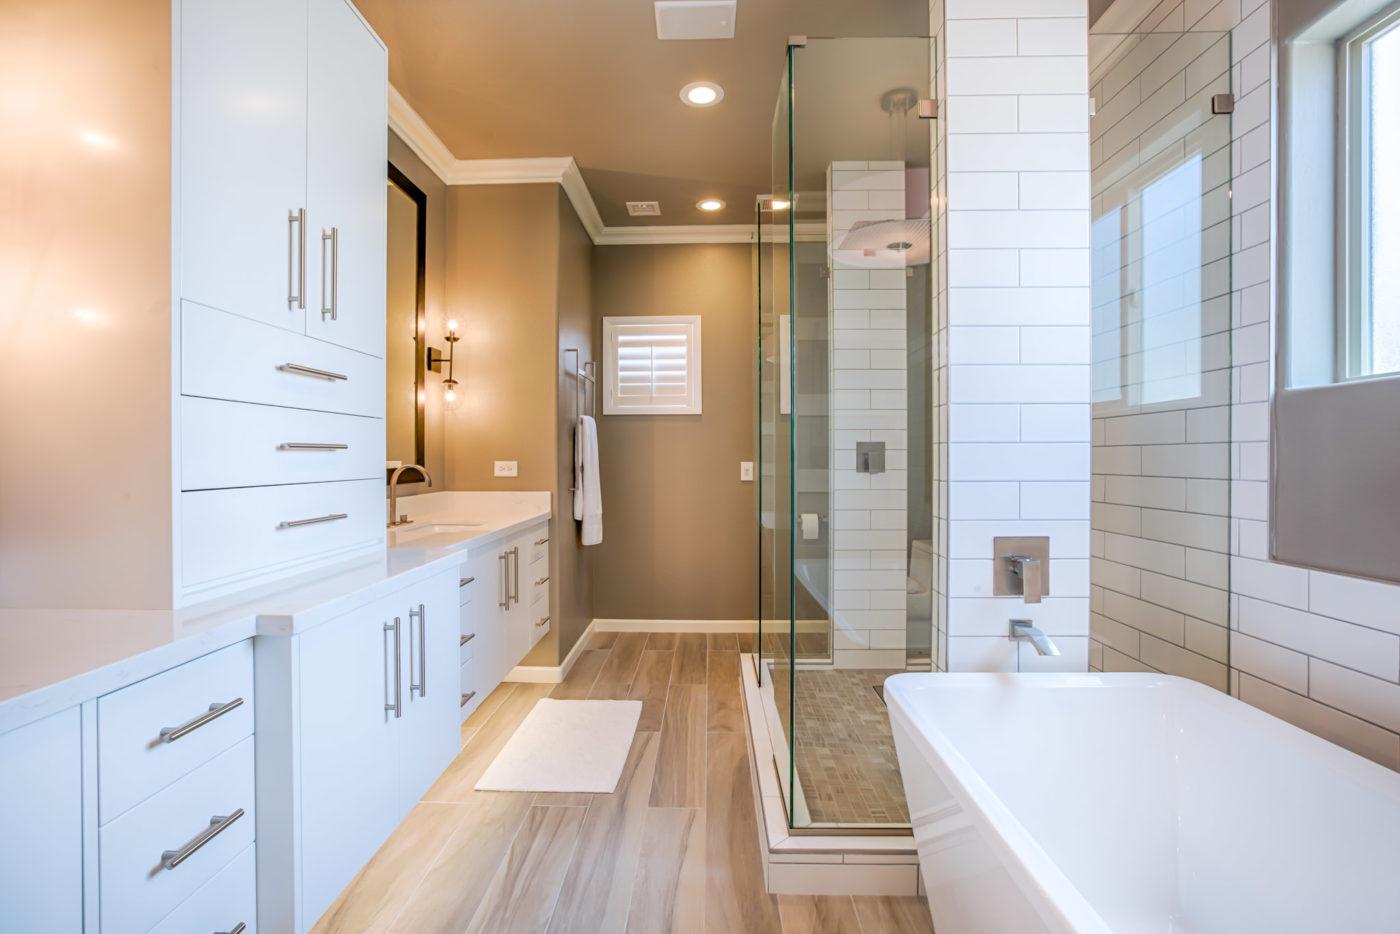 The Best Bathroom Remodeling Contractors in Phoenix Home Builder Digest